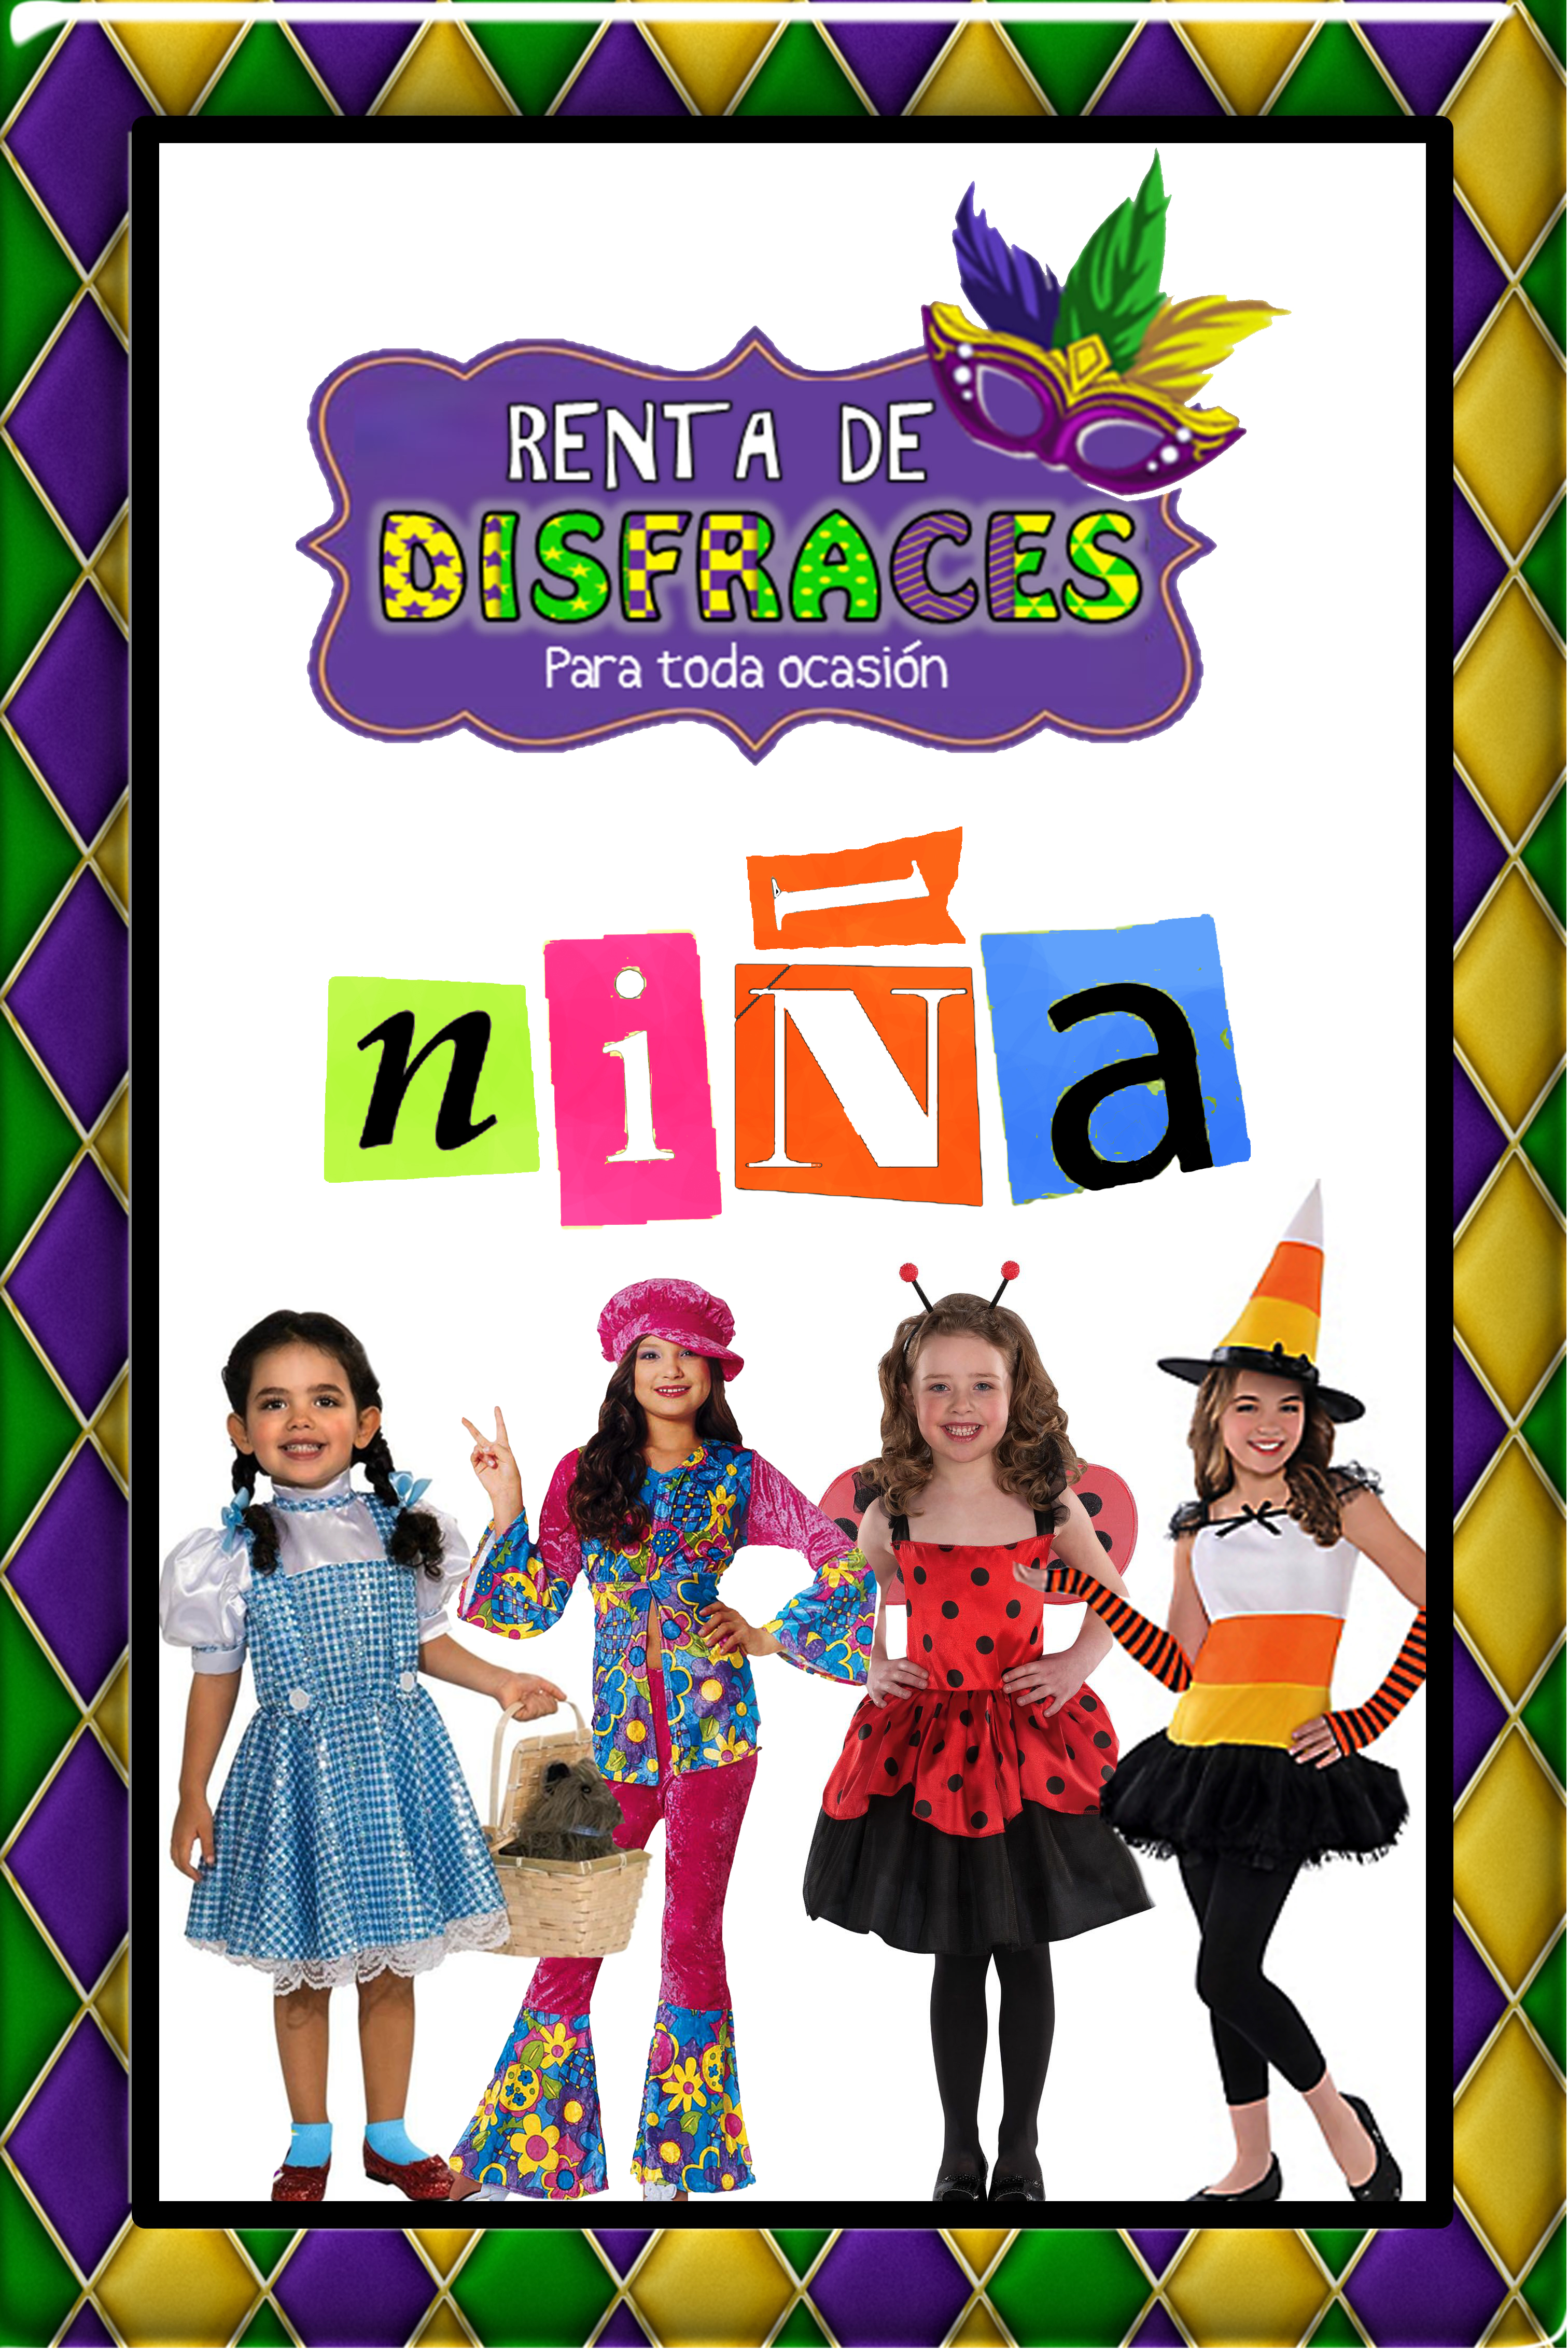 RENTA DE DISFRACES PARA NIÑA